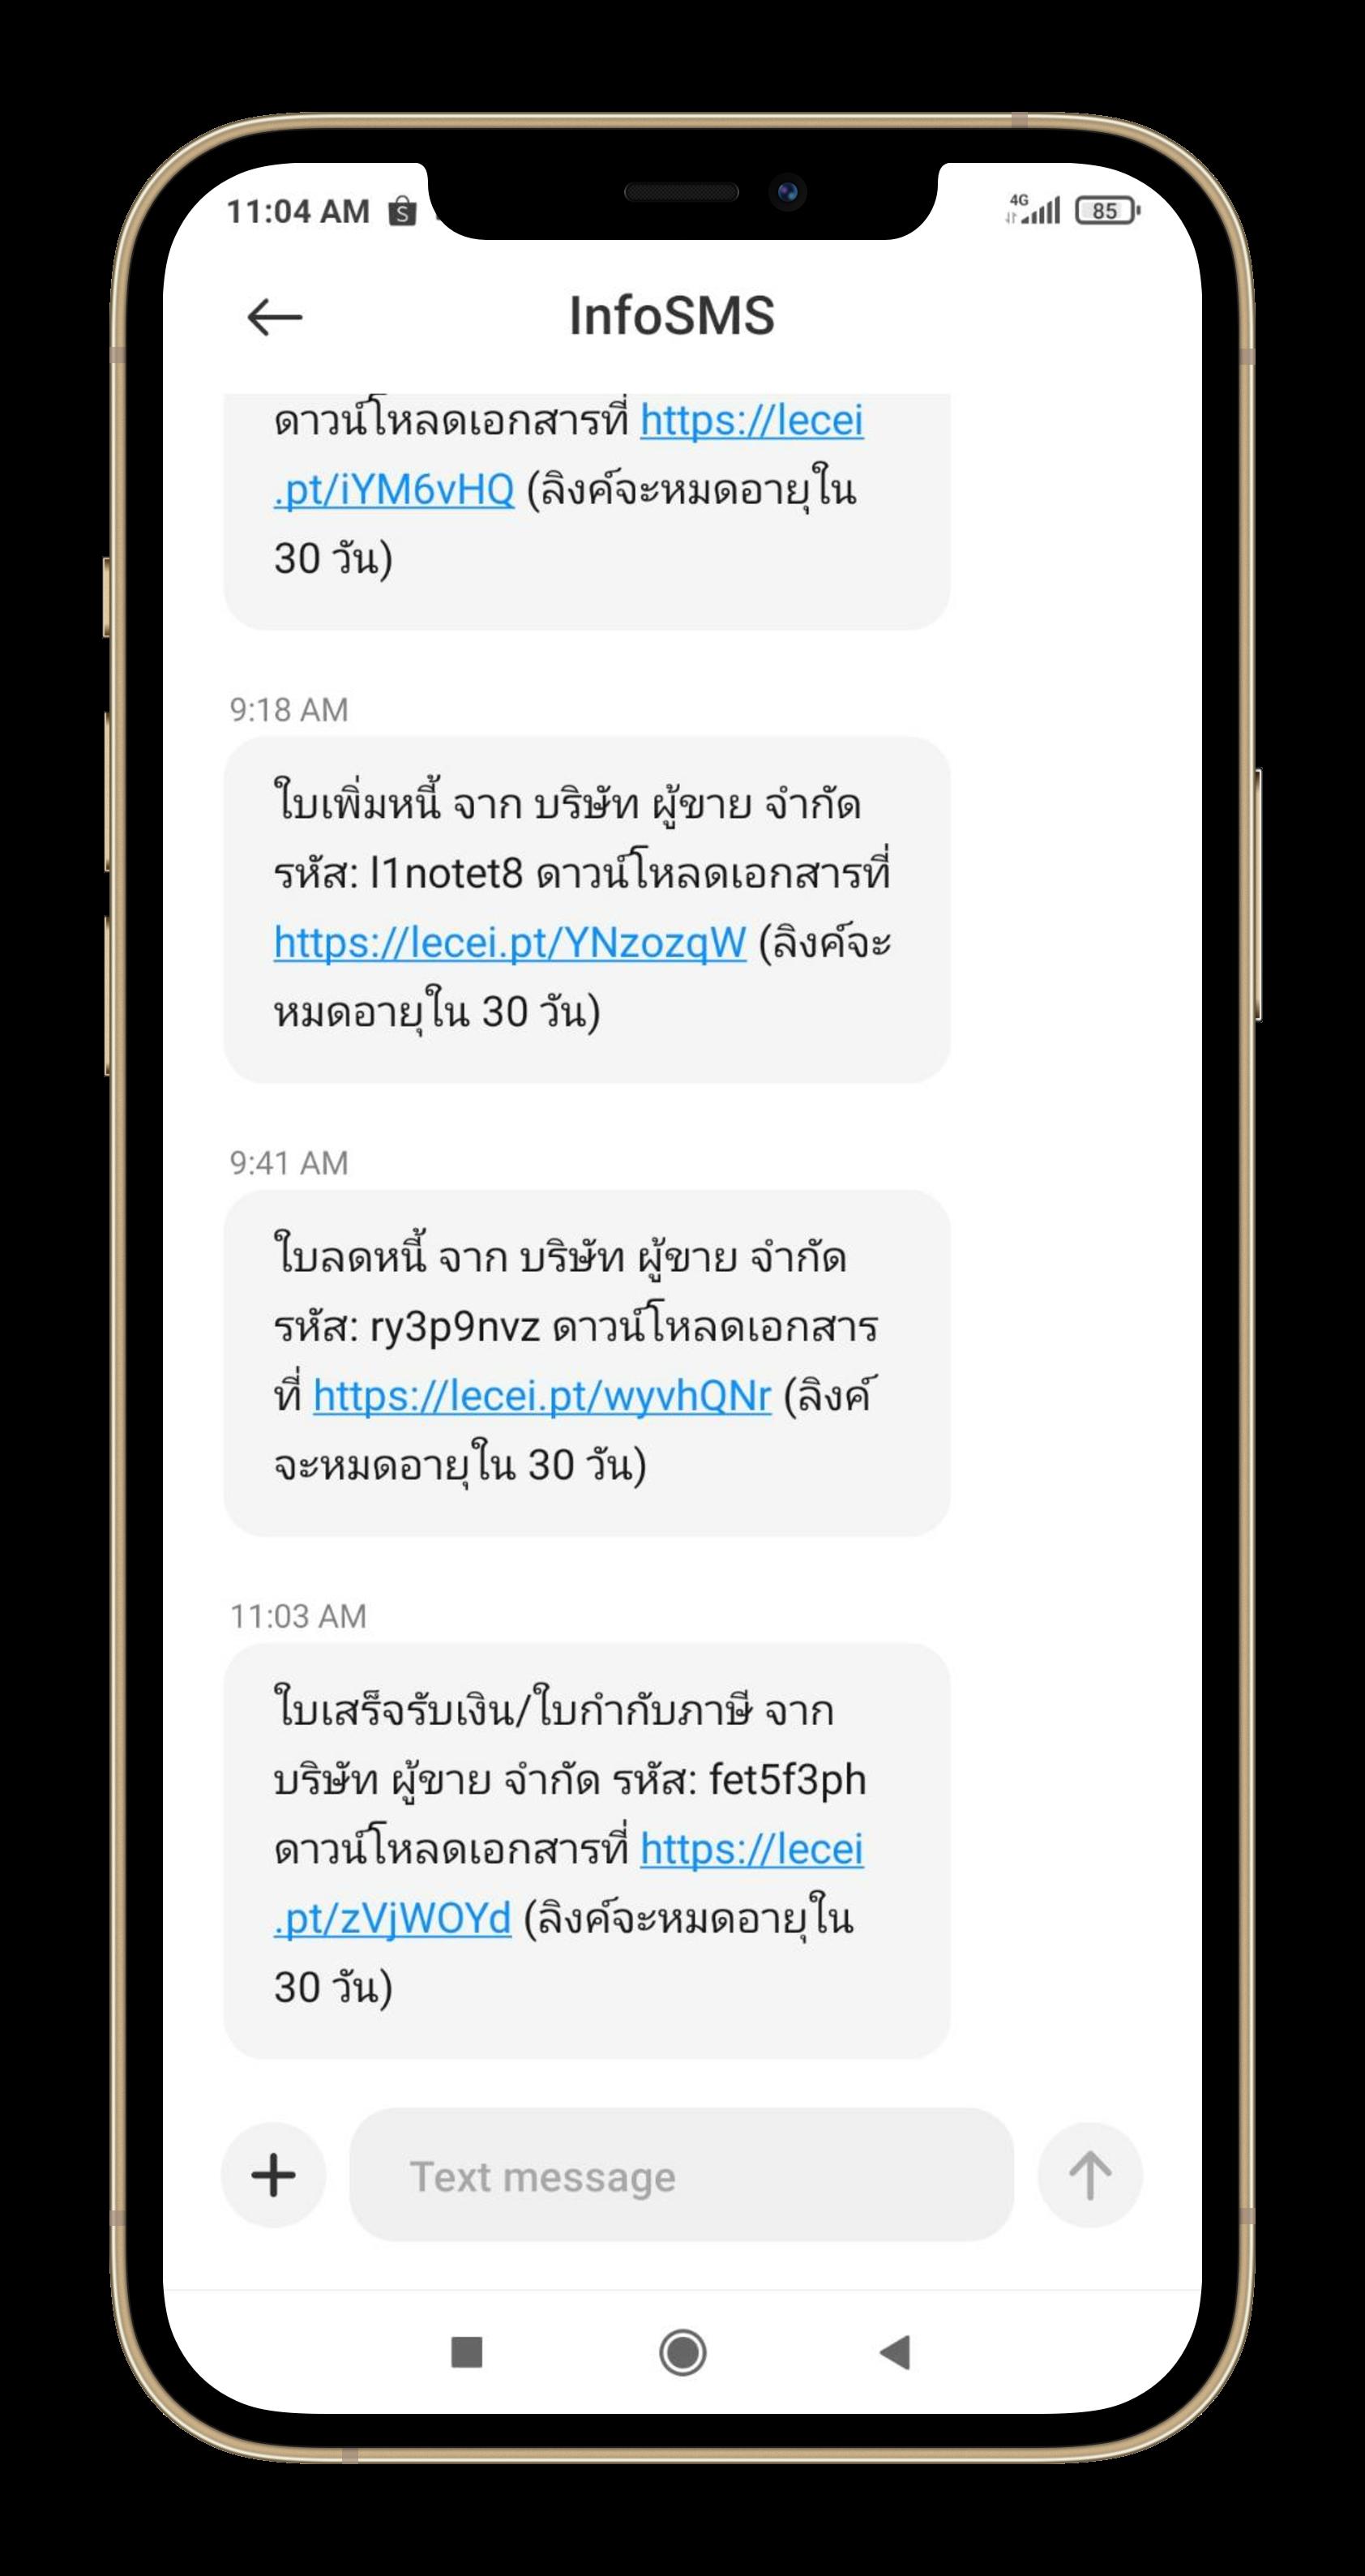 ส่ง e-taxinvoice e-receipt ทาง sms